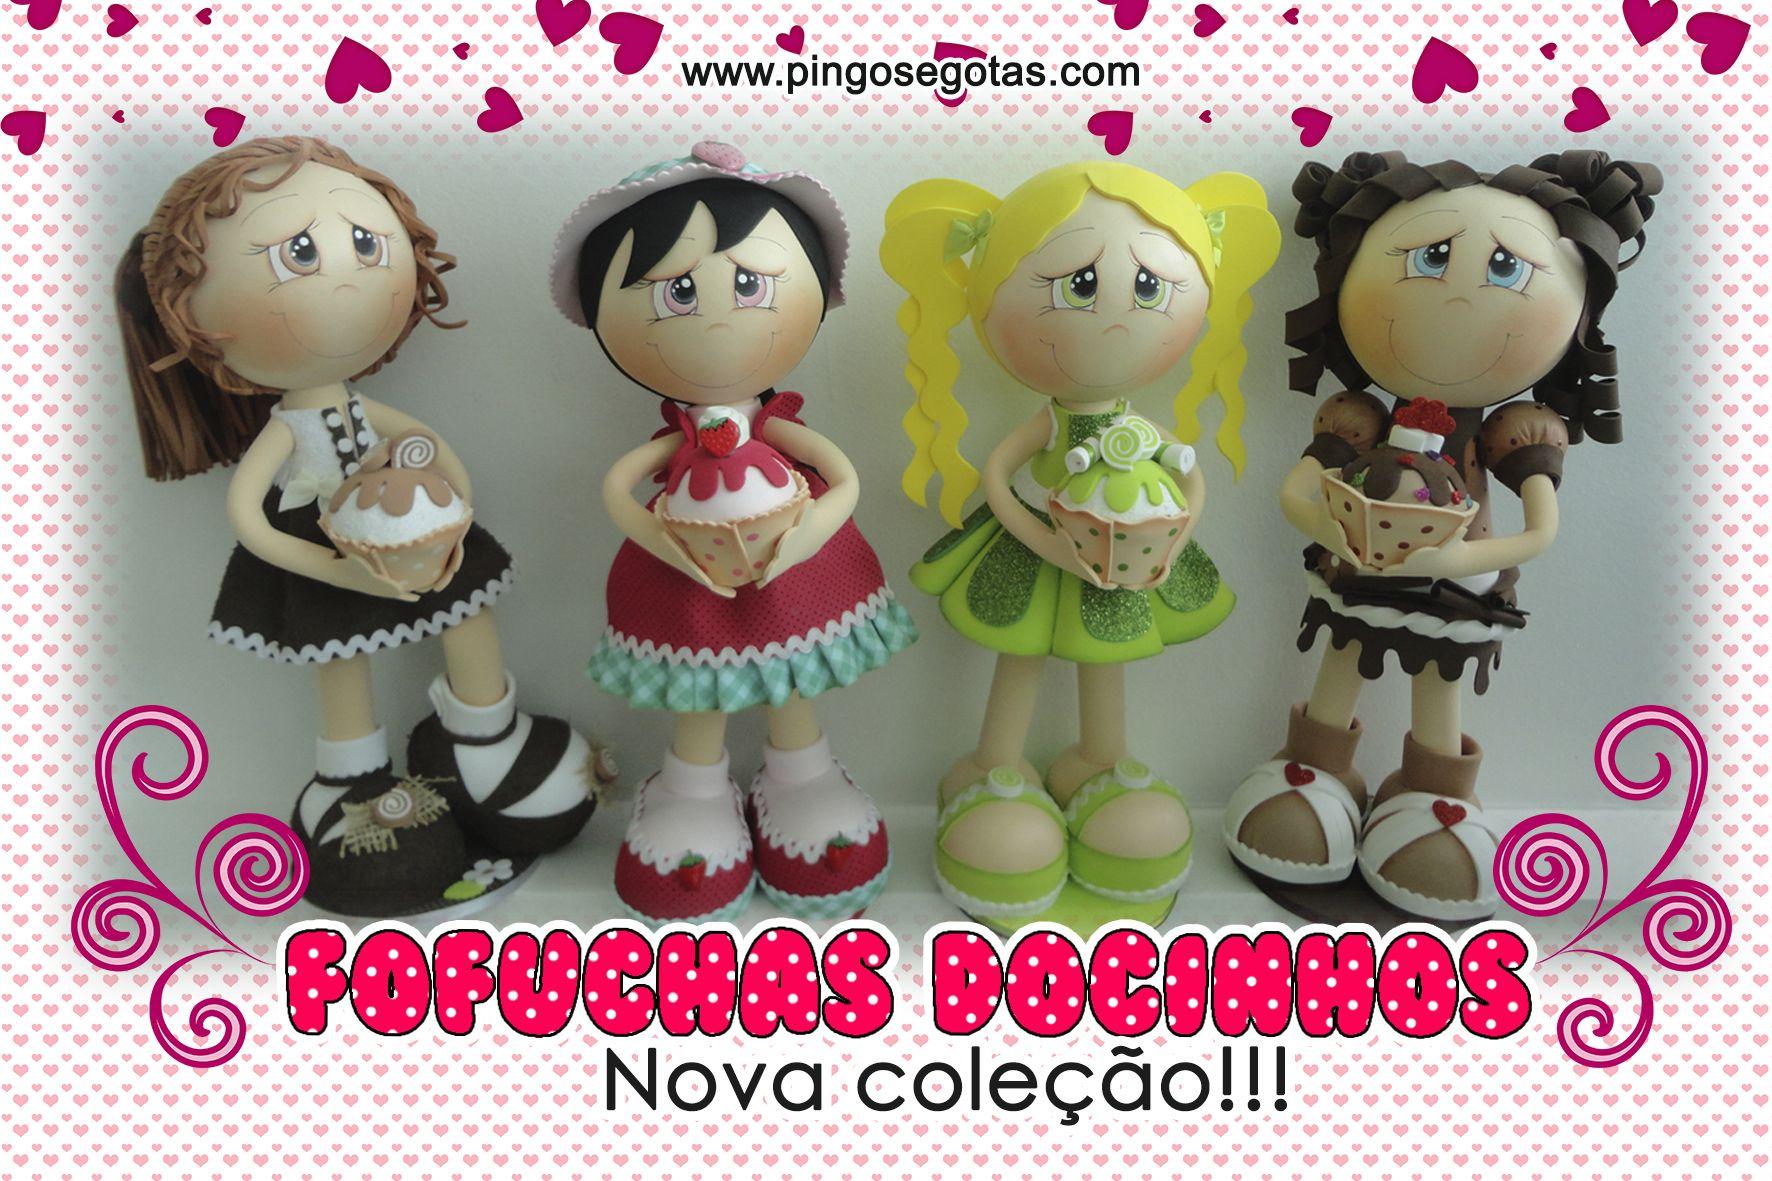 www.pingosegotas.com